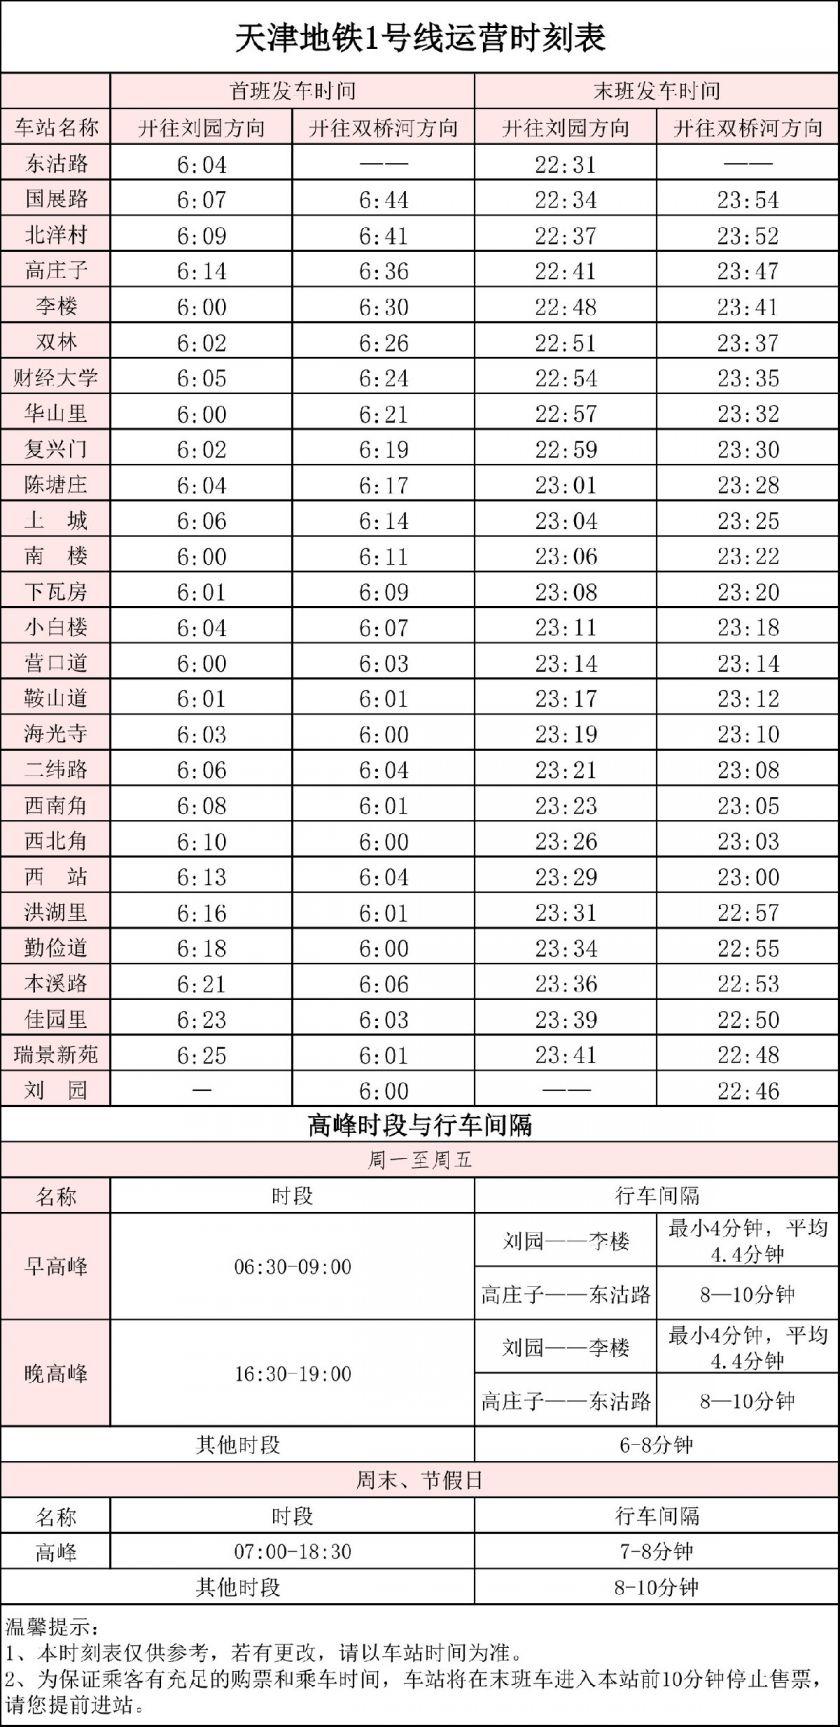 天津地铁logo_2020天津地铁首末班车运营时刻表- 天津本地宝